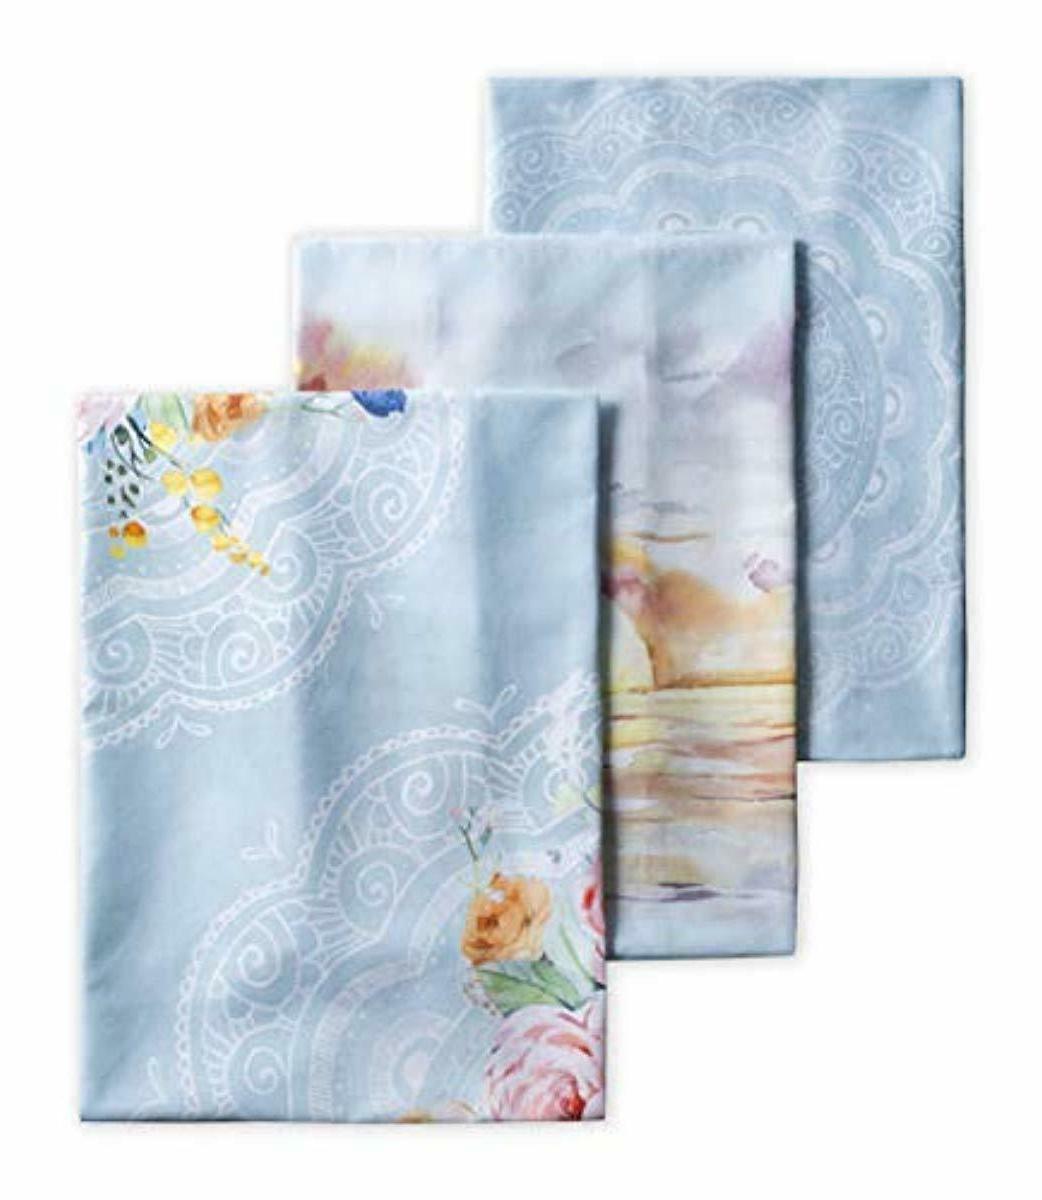 Maison d' 100% Cotton Set 3 Towels 20 Inch